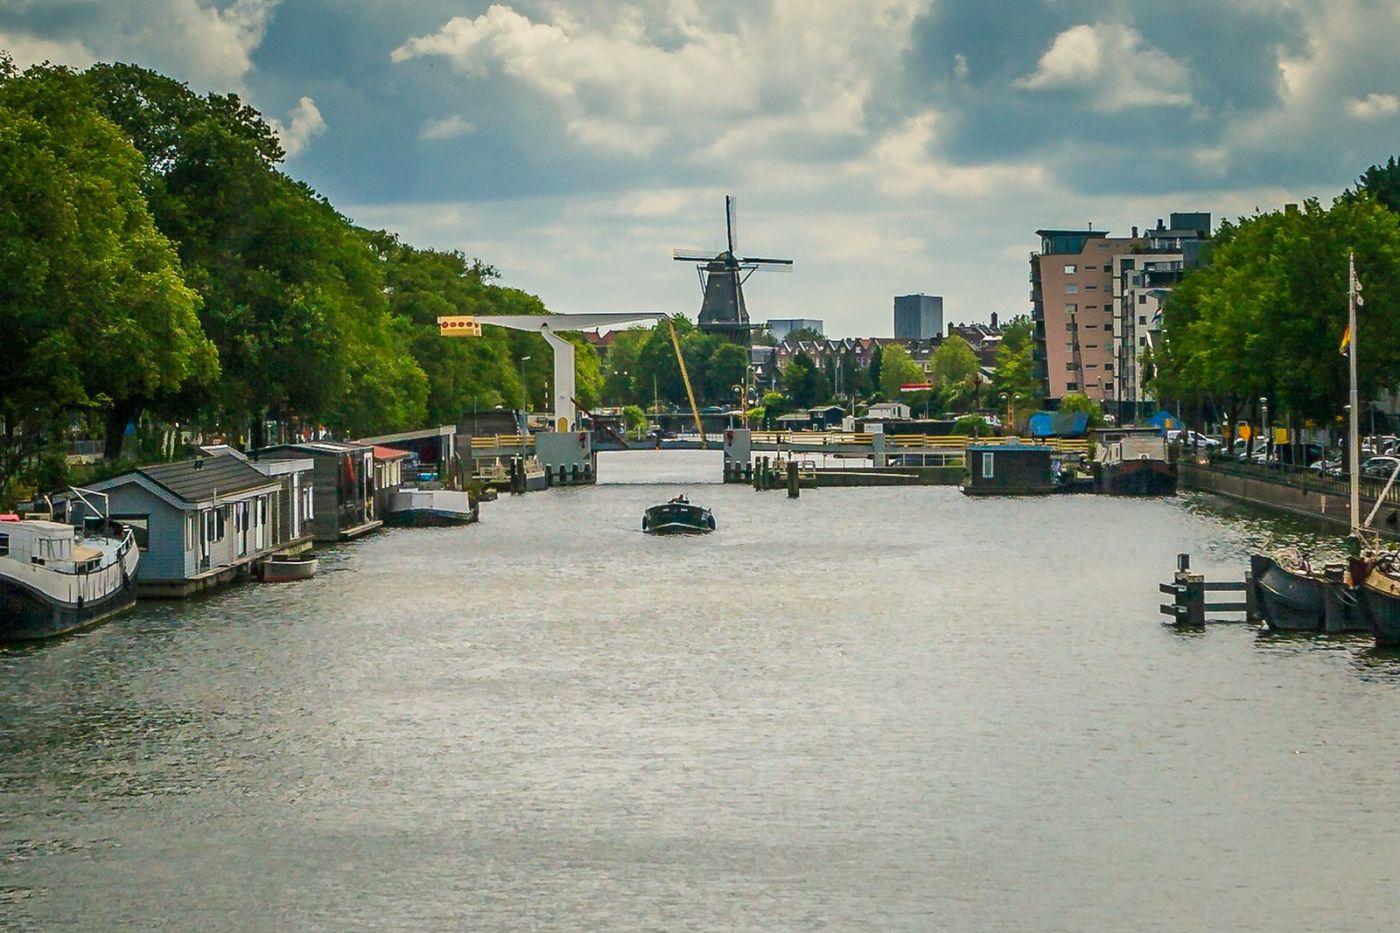 荷兰阿姆斯特丹,穿梭的自行车_图1-2